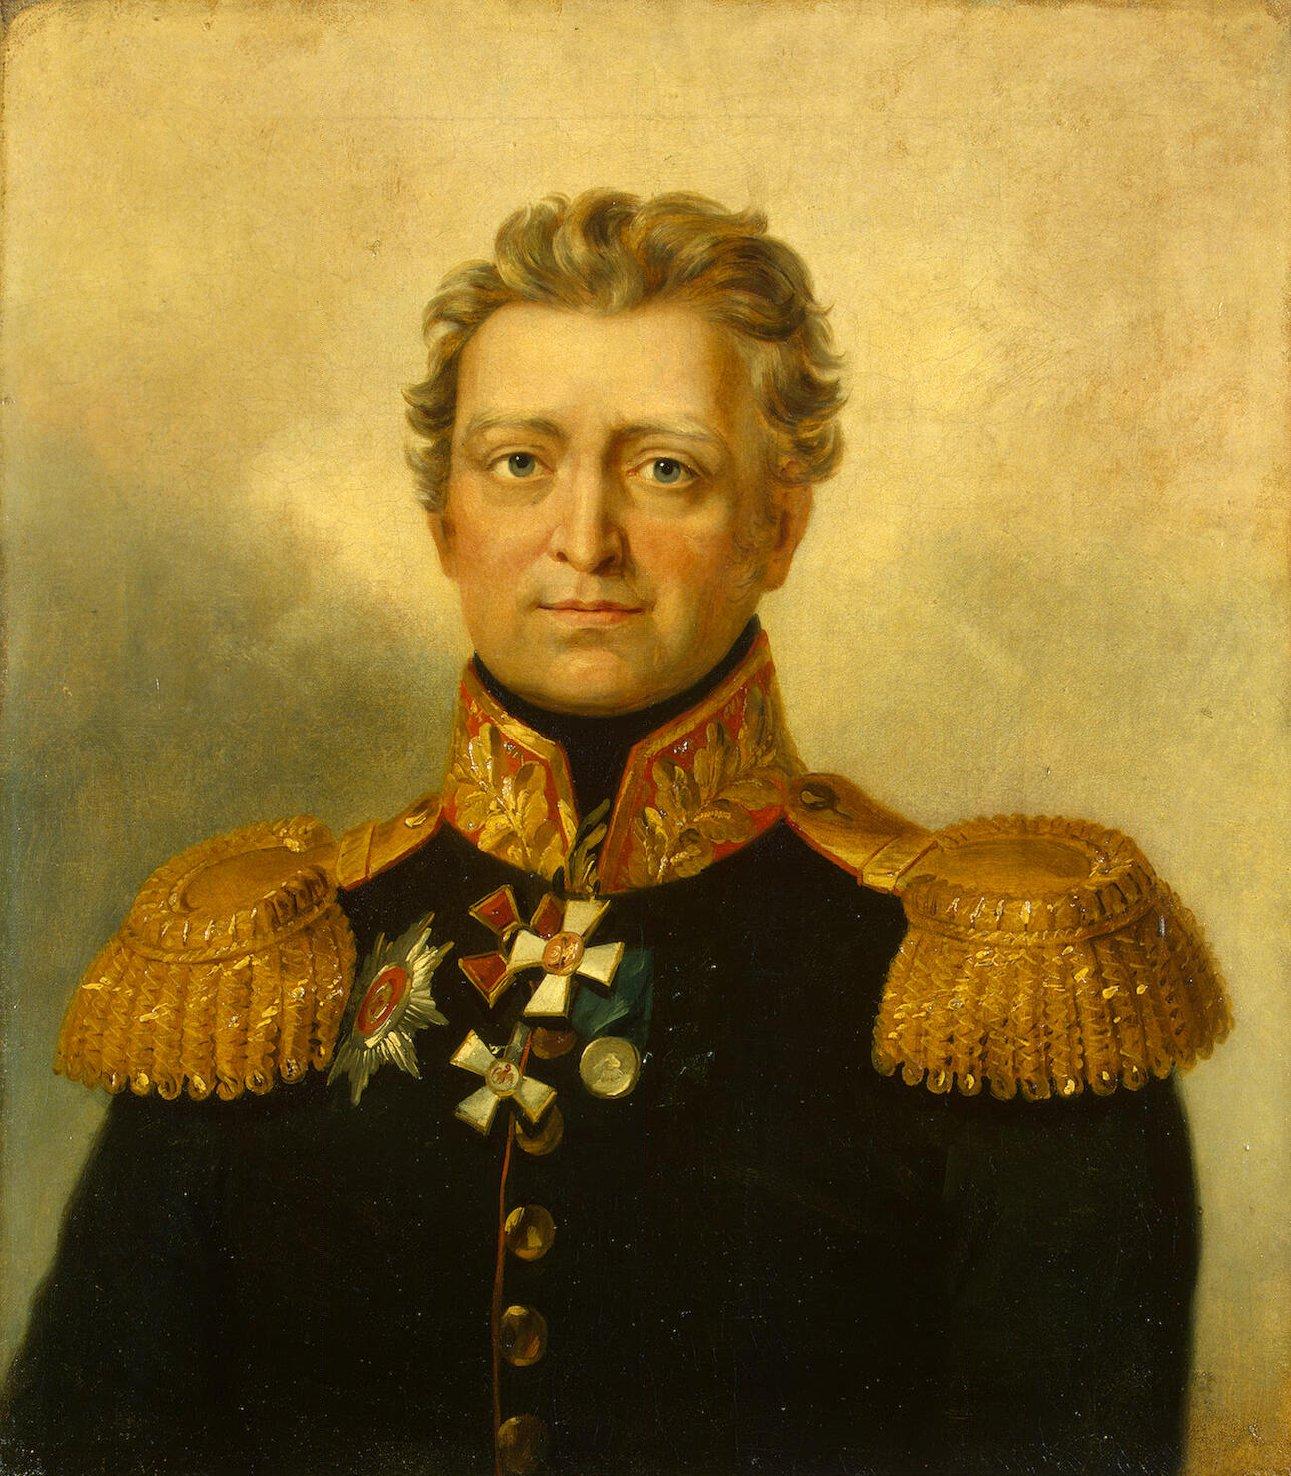 Гарпе, Василий Иванович